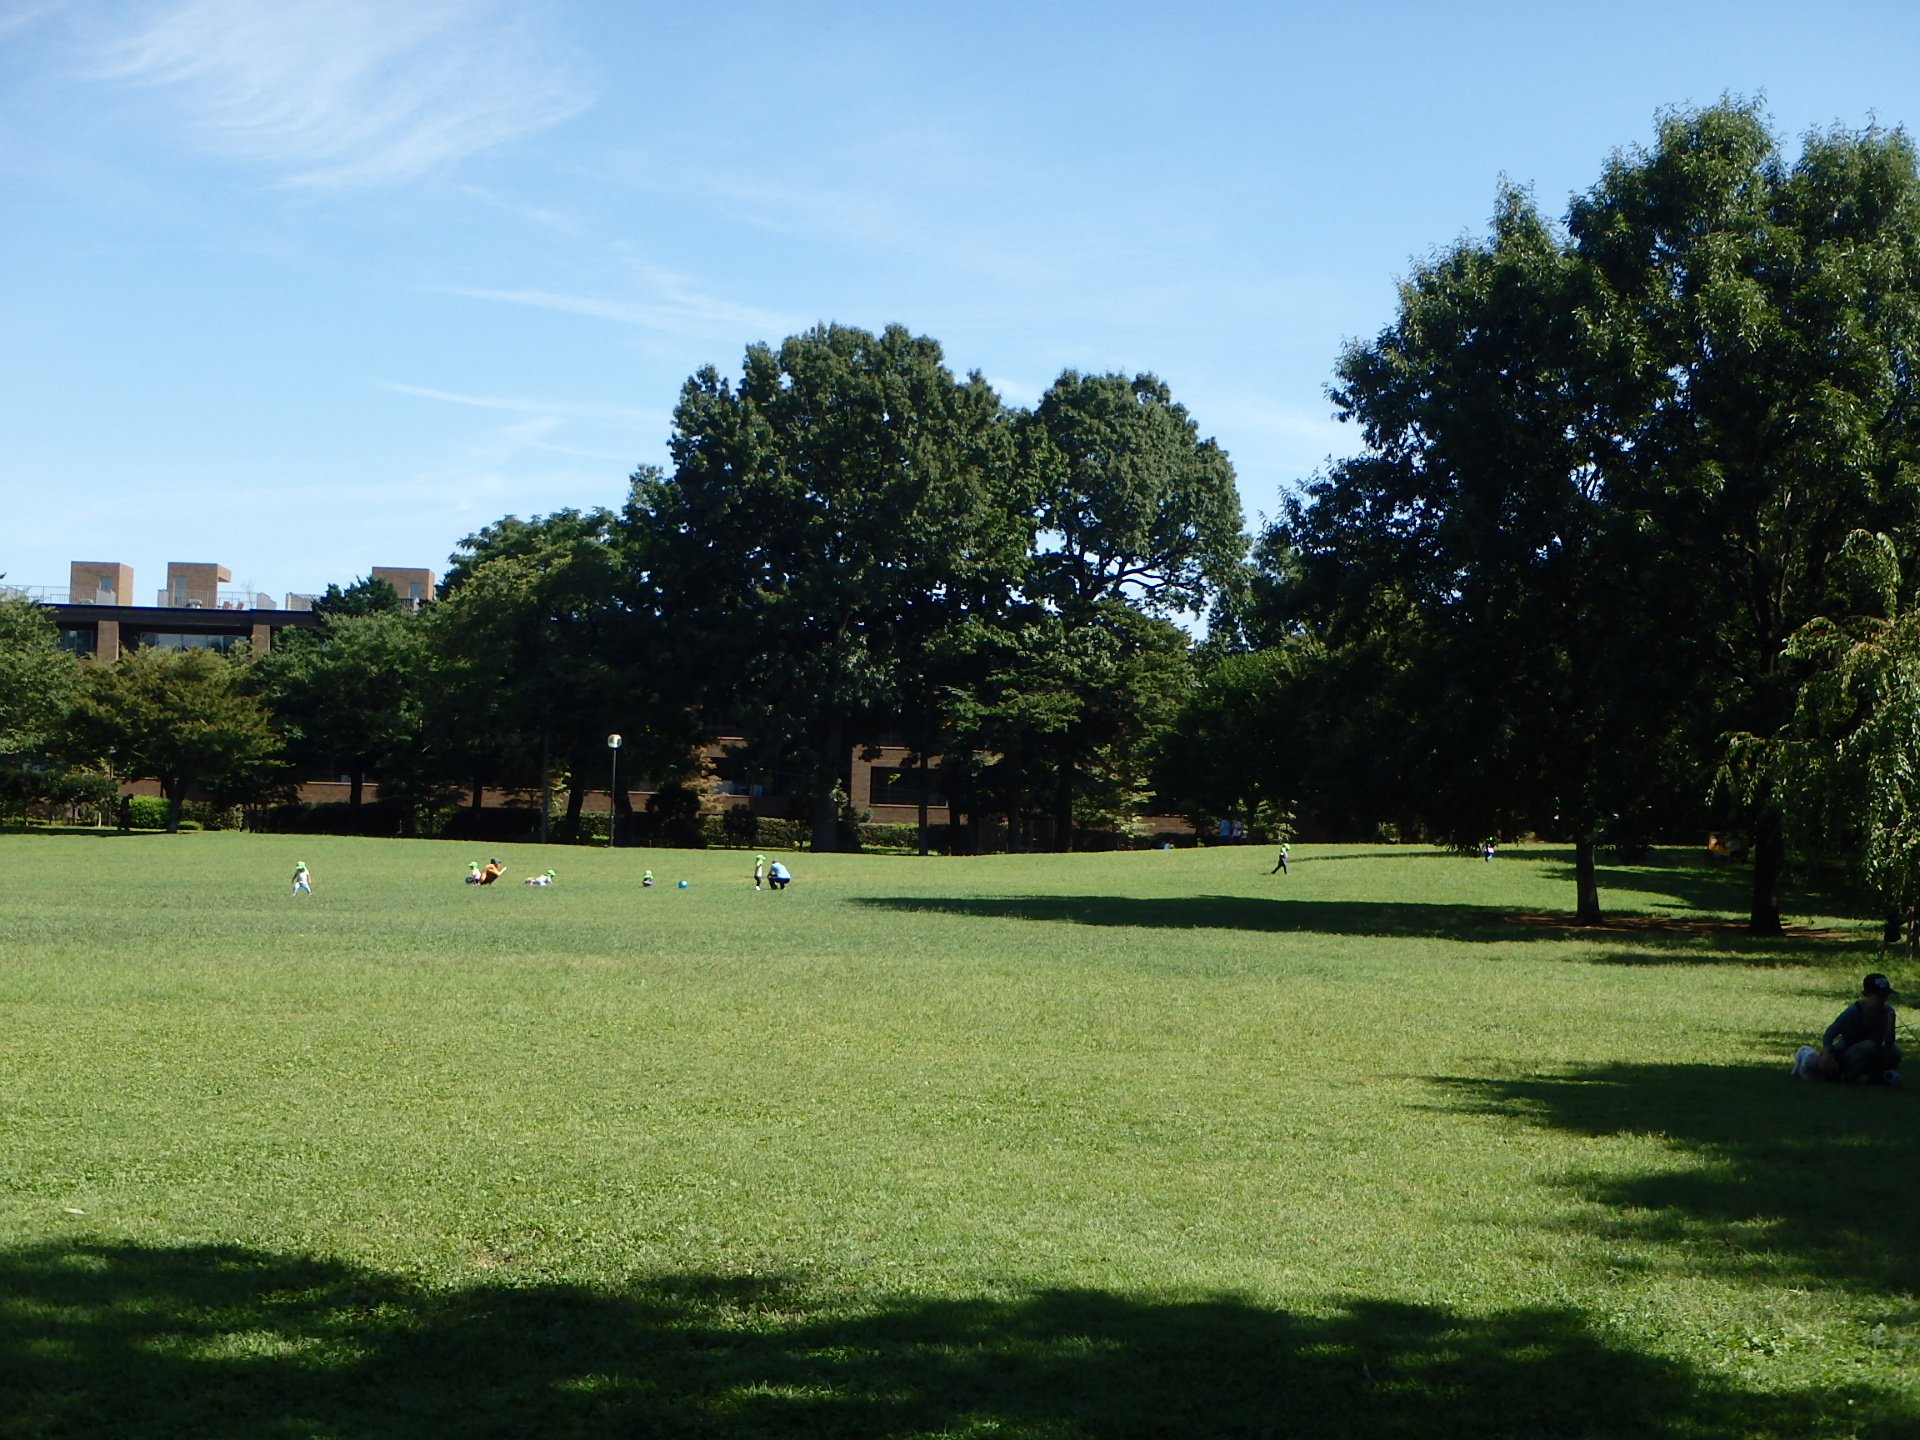 杉並区柏の宮公園基本計画~実施設計